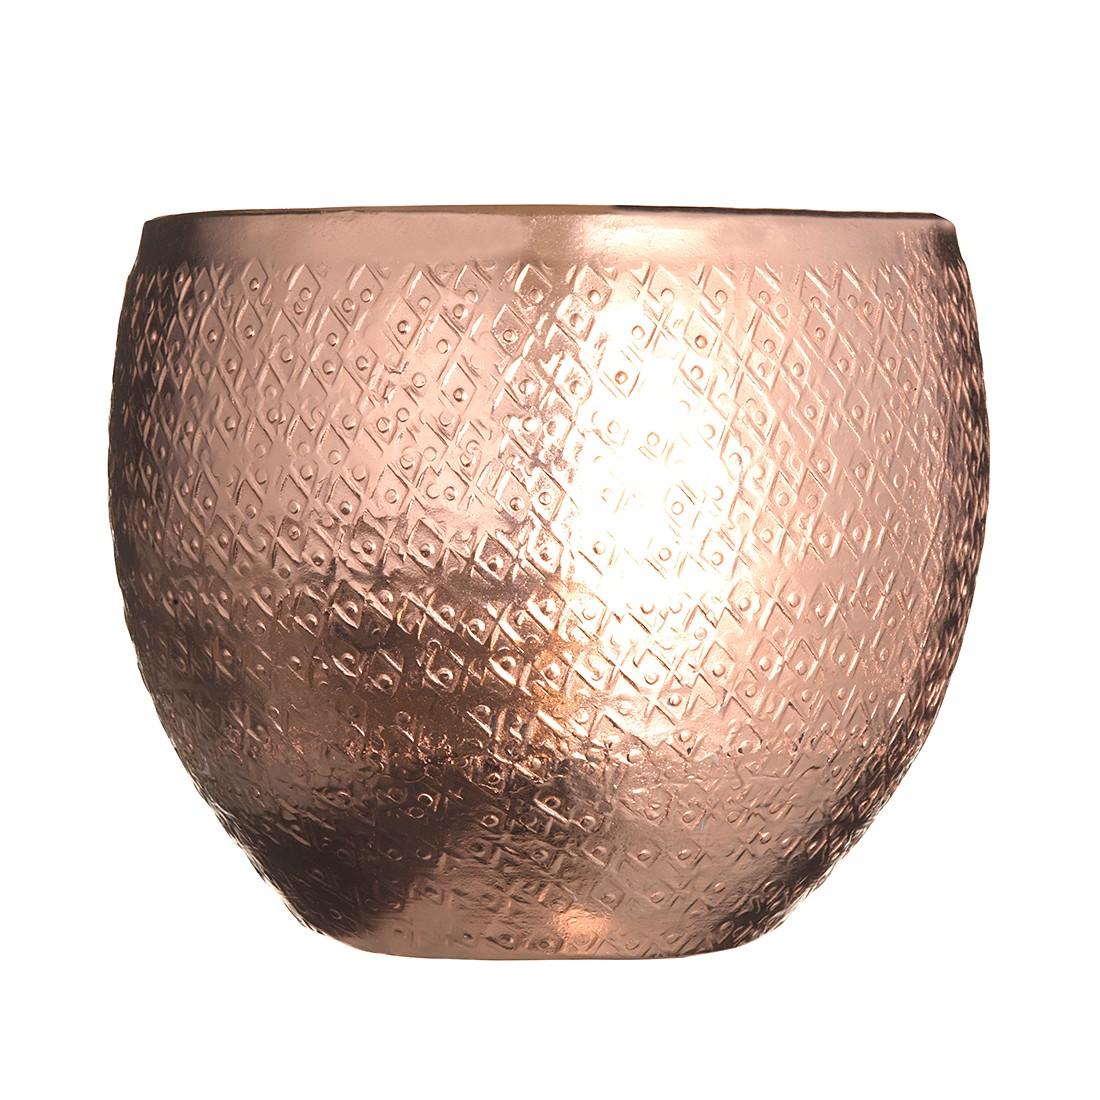 Schale Istanbul I – Hochglanz Kupfer, Madam Stoltz günstig kaufen